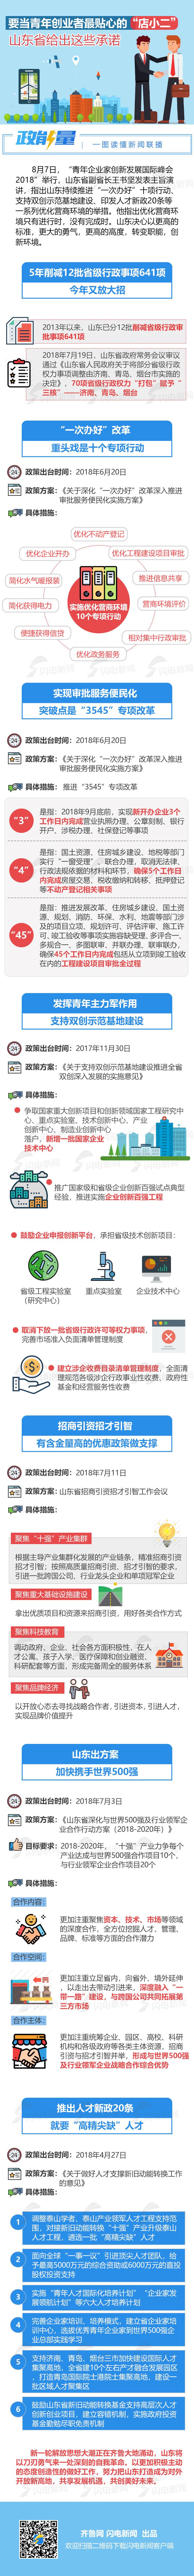 政能量丨要当青年创业者最贴心的店小二,山东省给出这些承诺.jpg